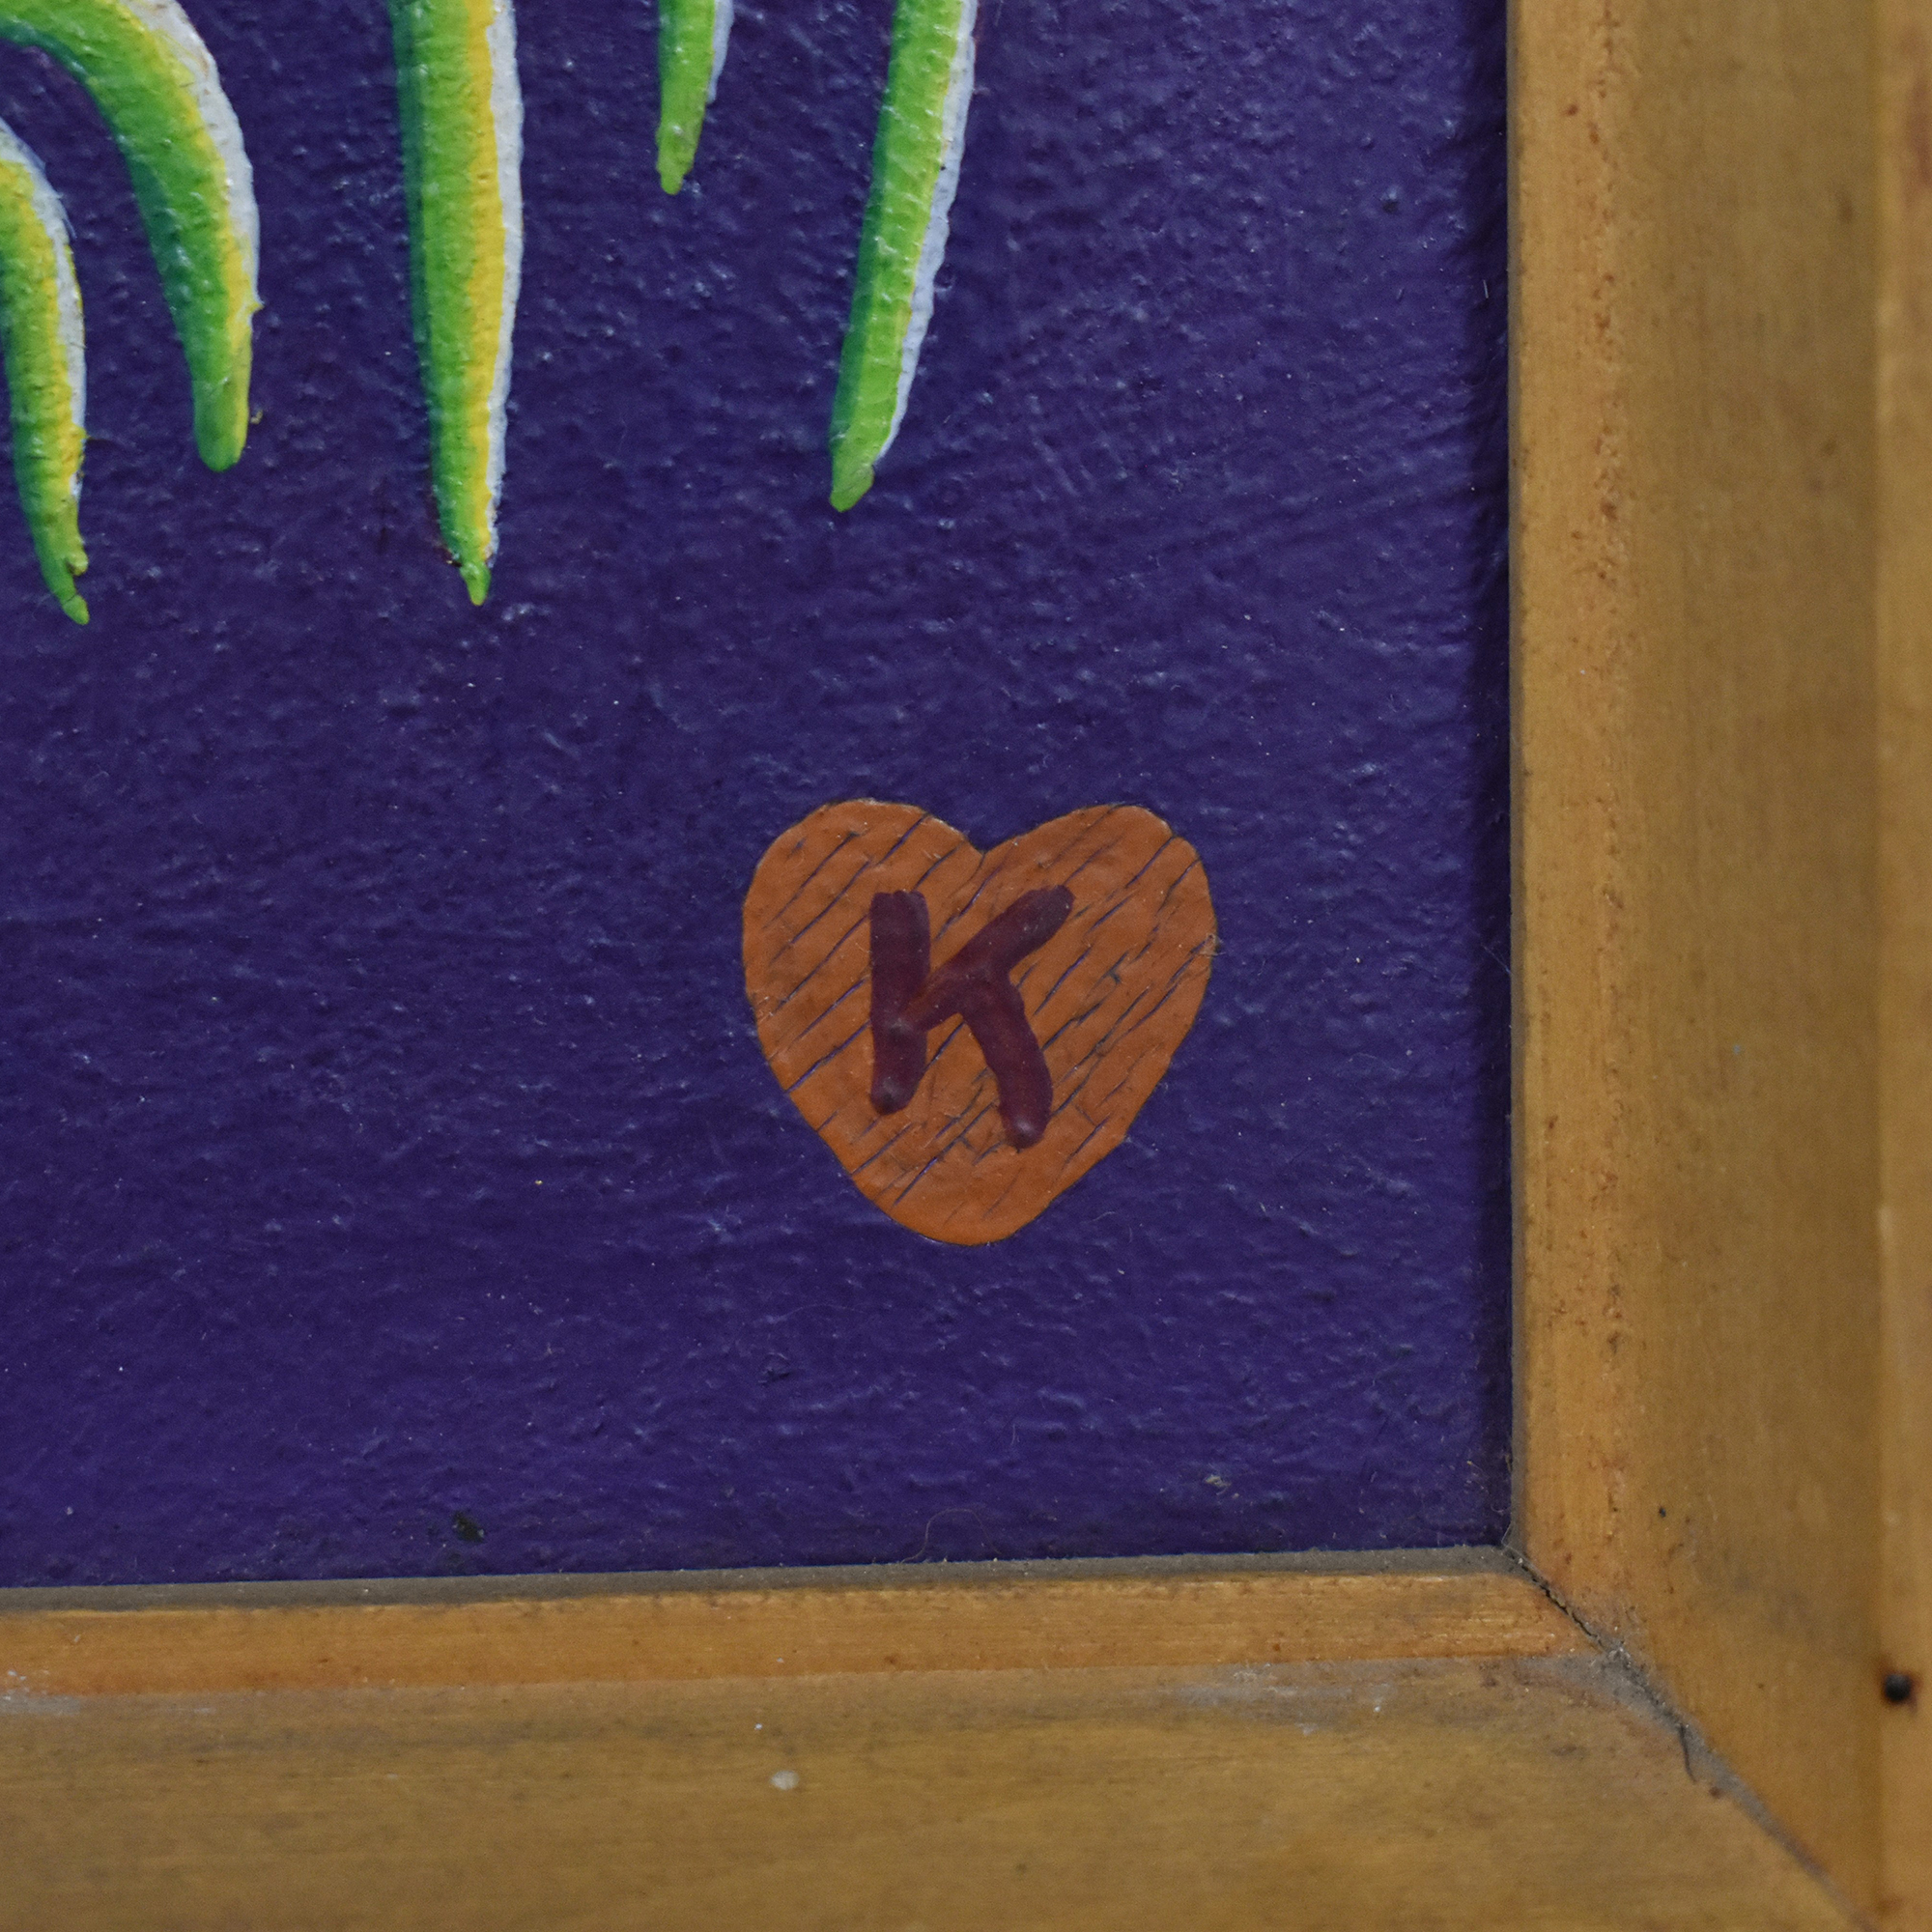 Jan Knjazovic Framed Chicken Painting dimensions